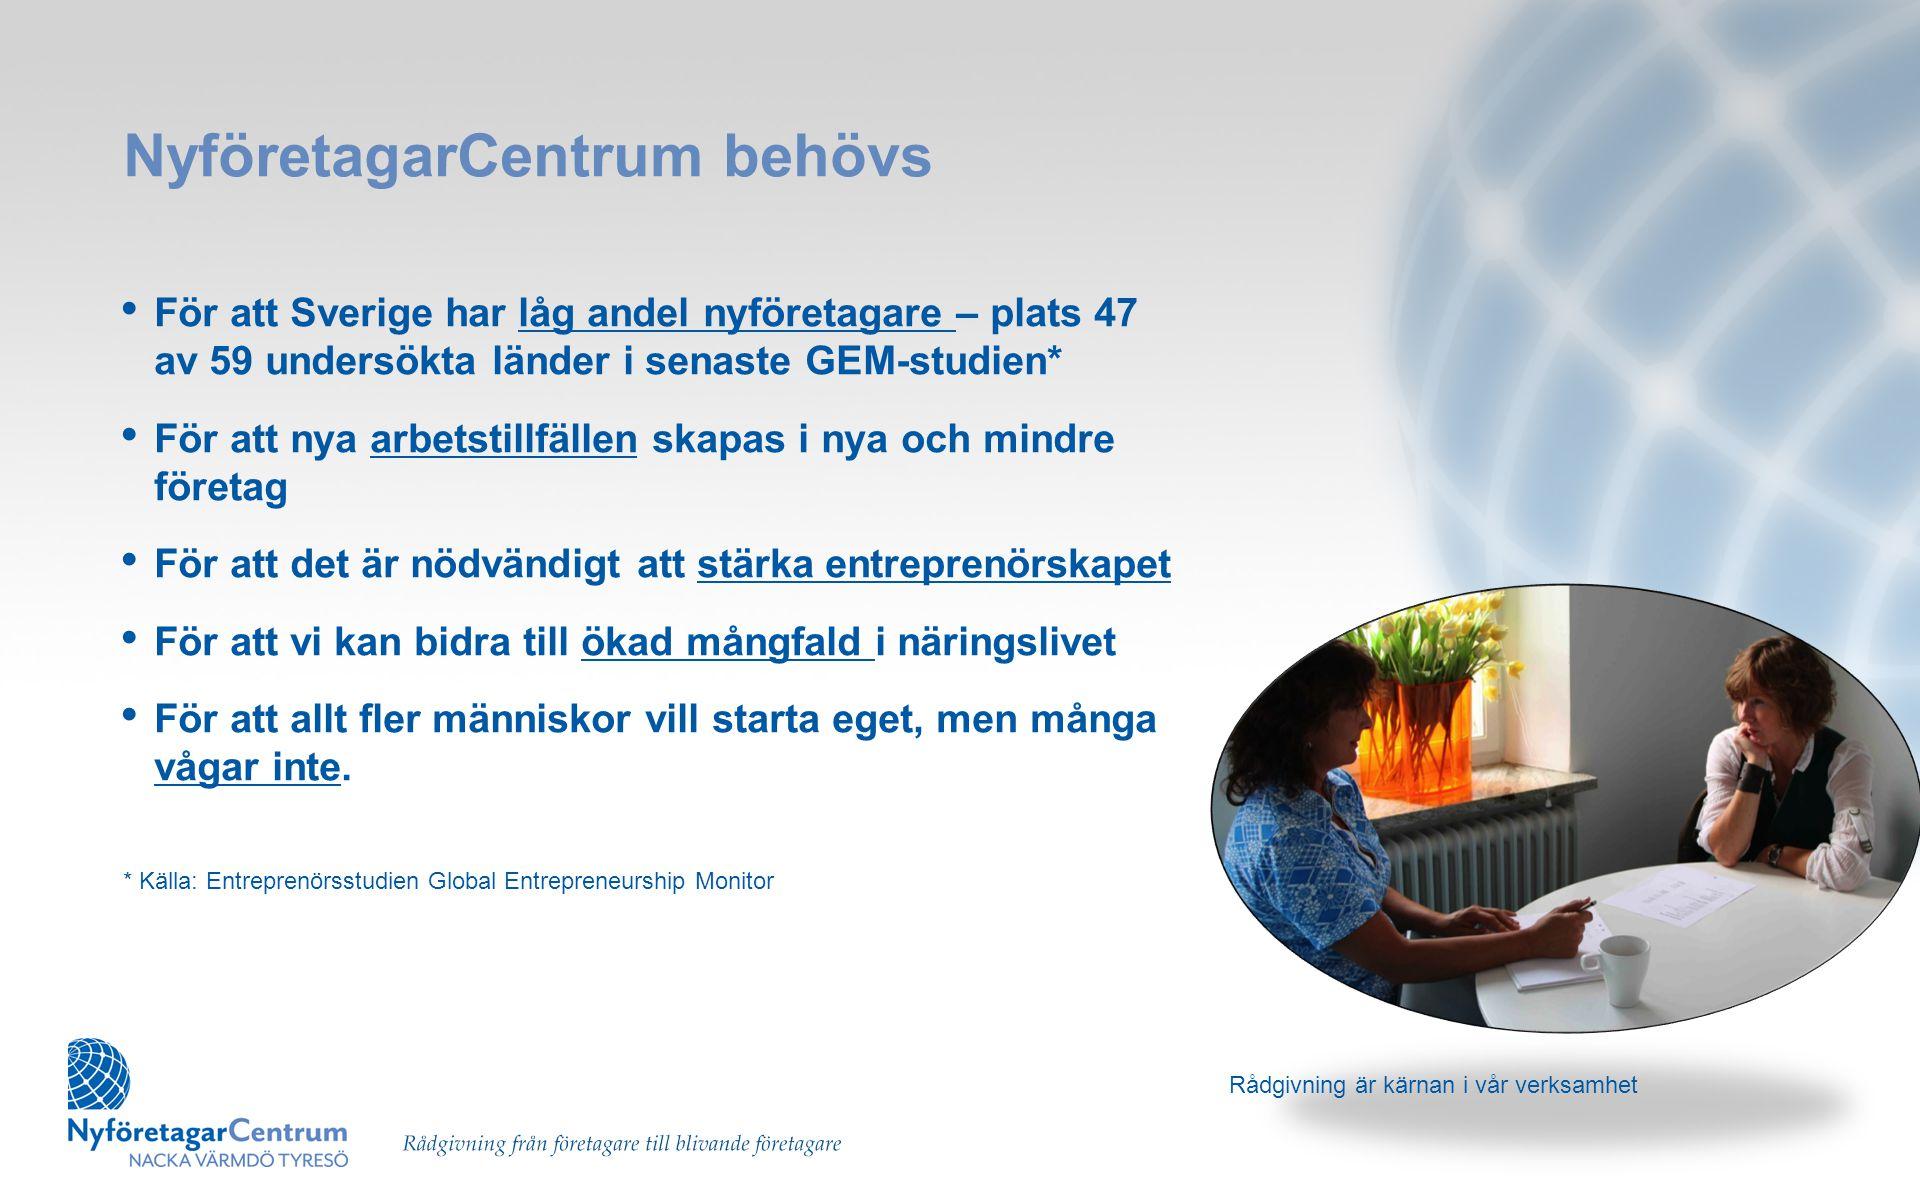 NyföretagarCentrum behövs • För att Sverige har låg andel nyföretagare – plats 47 av 59 undersökta länder i senaste GEM-studien* • För att nya arbetst